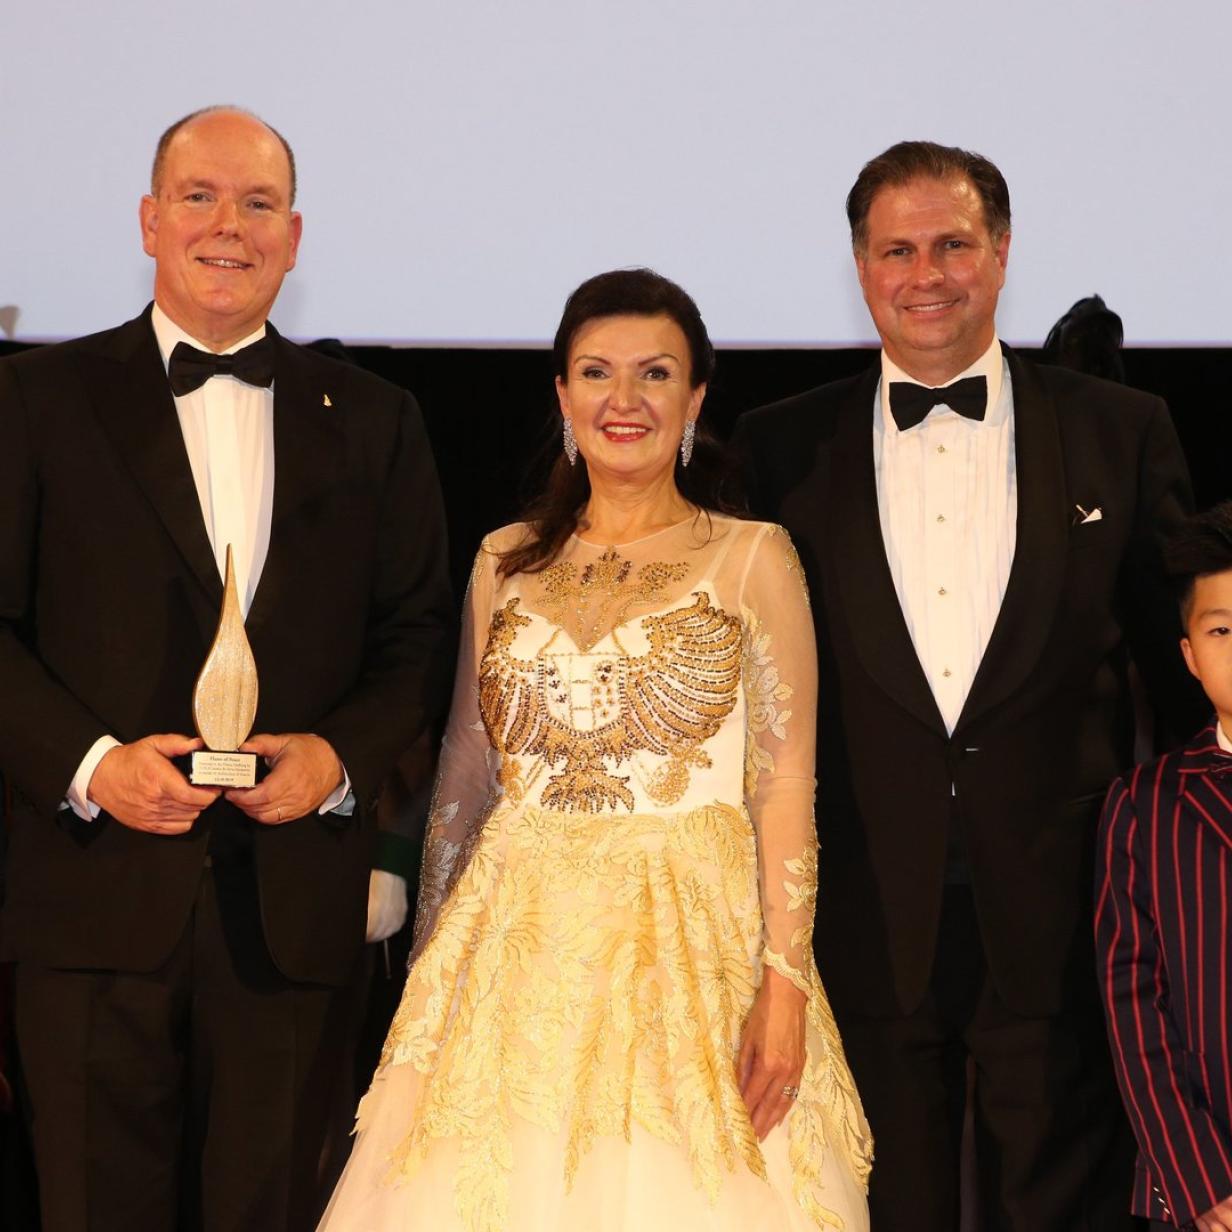 Fürst Albert II. wurde in Wien mit Friedenspreis geehrt